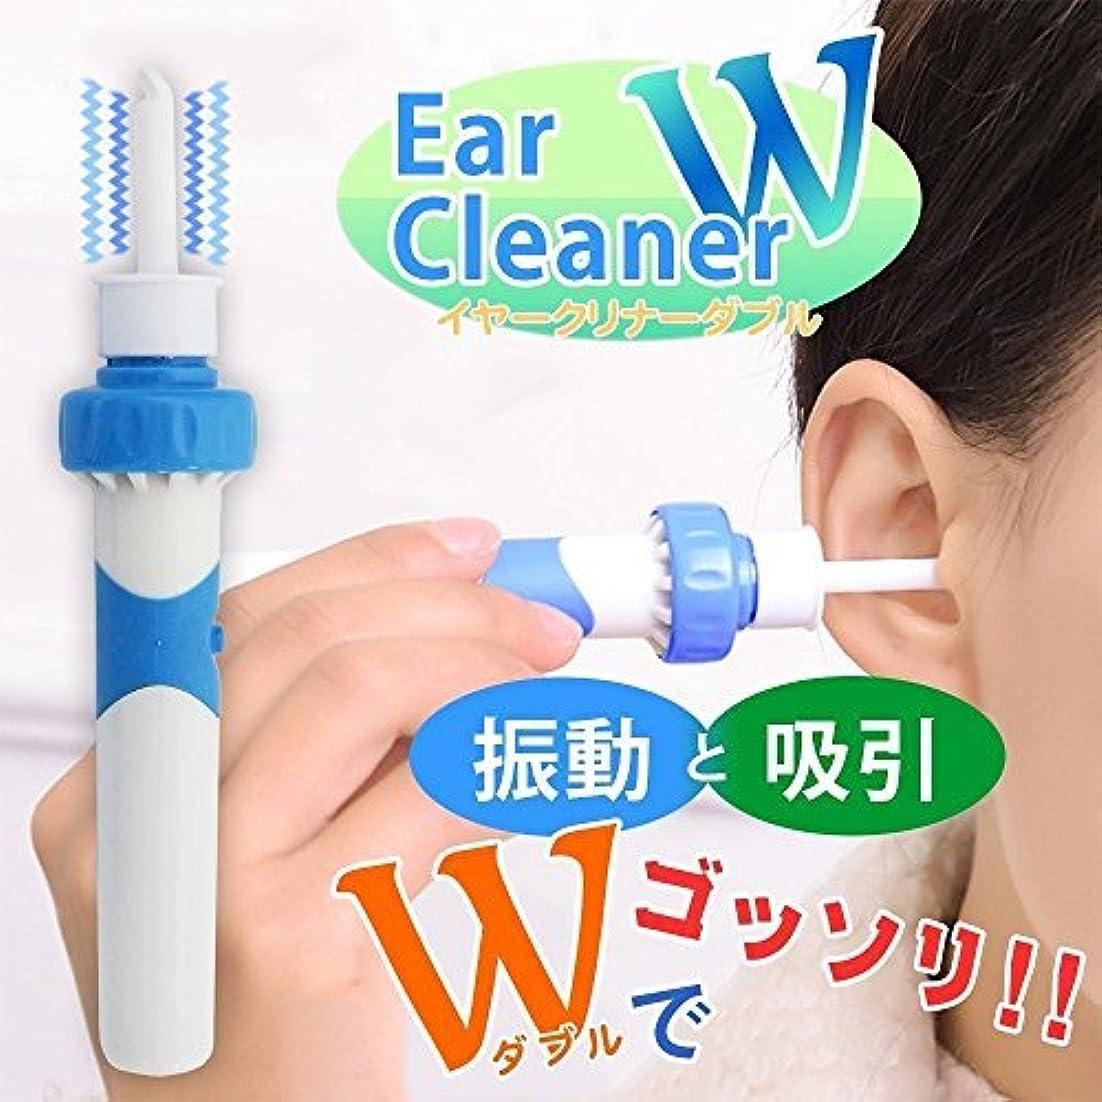 オーロック最大限勝つCHUI FEN 耳掃除機 電動耳掃除 耳クリーナー 耳掃除 みみそうじ 耳垢 吸引 耳あか吸引